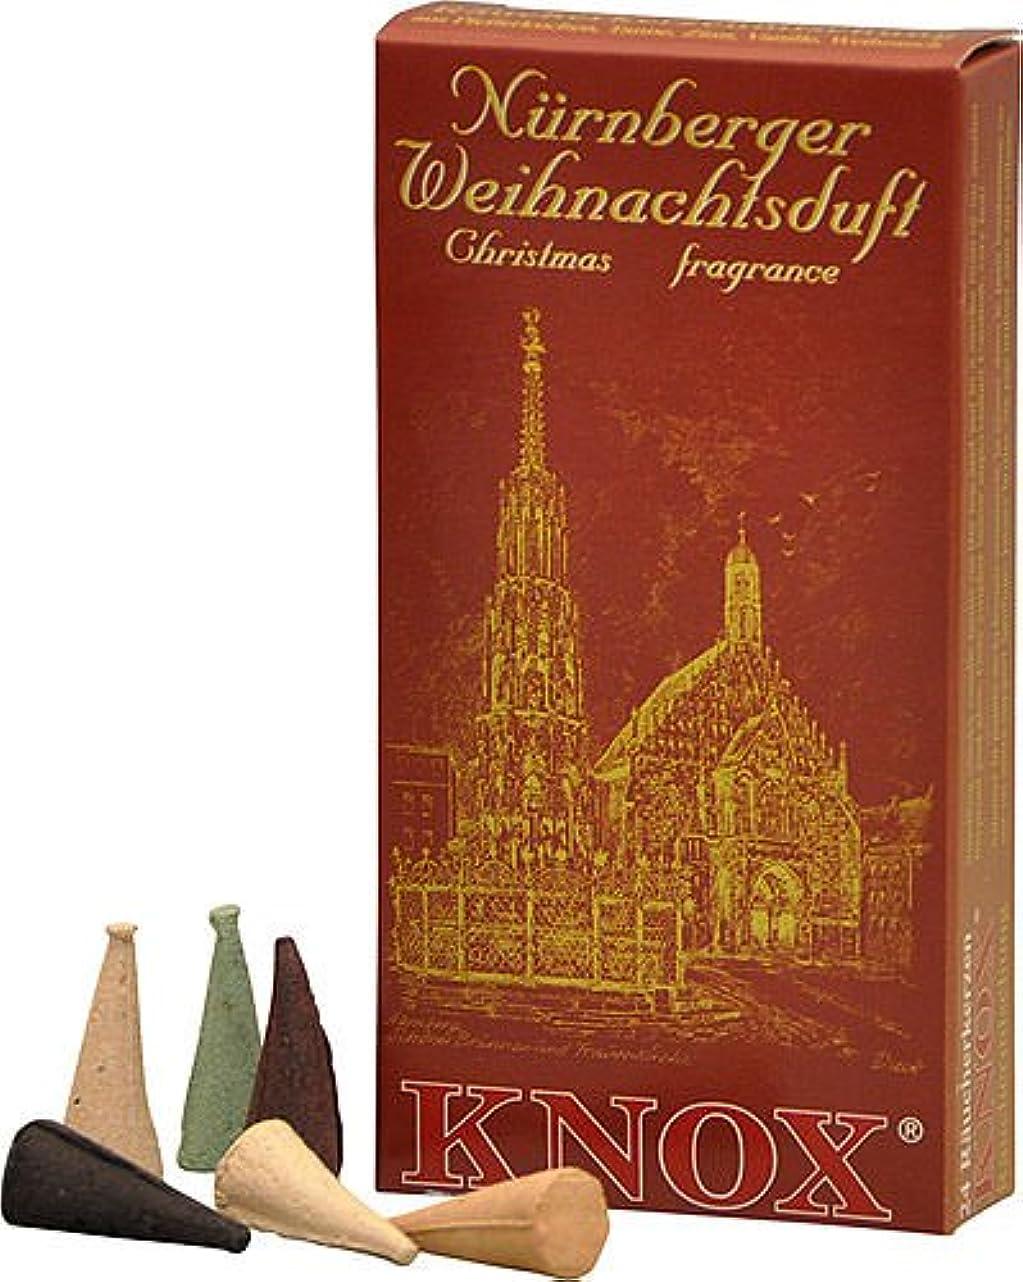 ビジョンフェロー諸島アルカトラズ島Knox NurembergドイツIncense Cones Variety Pack Made GermanyクリスマスSmokers